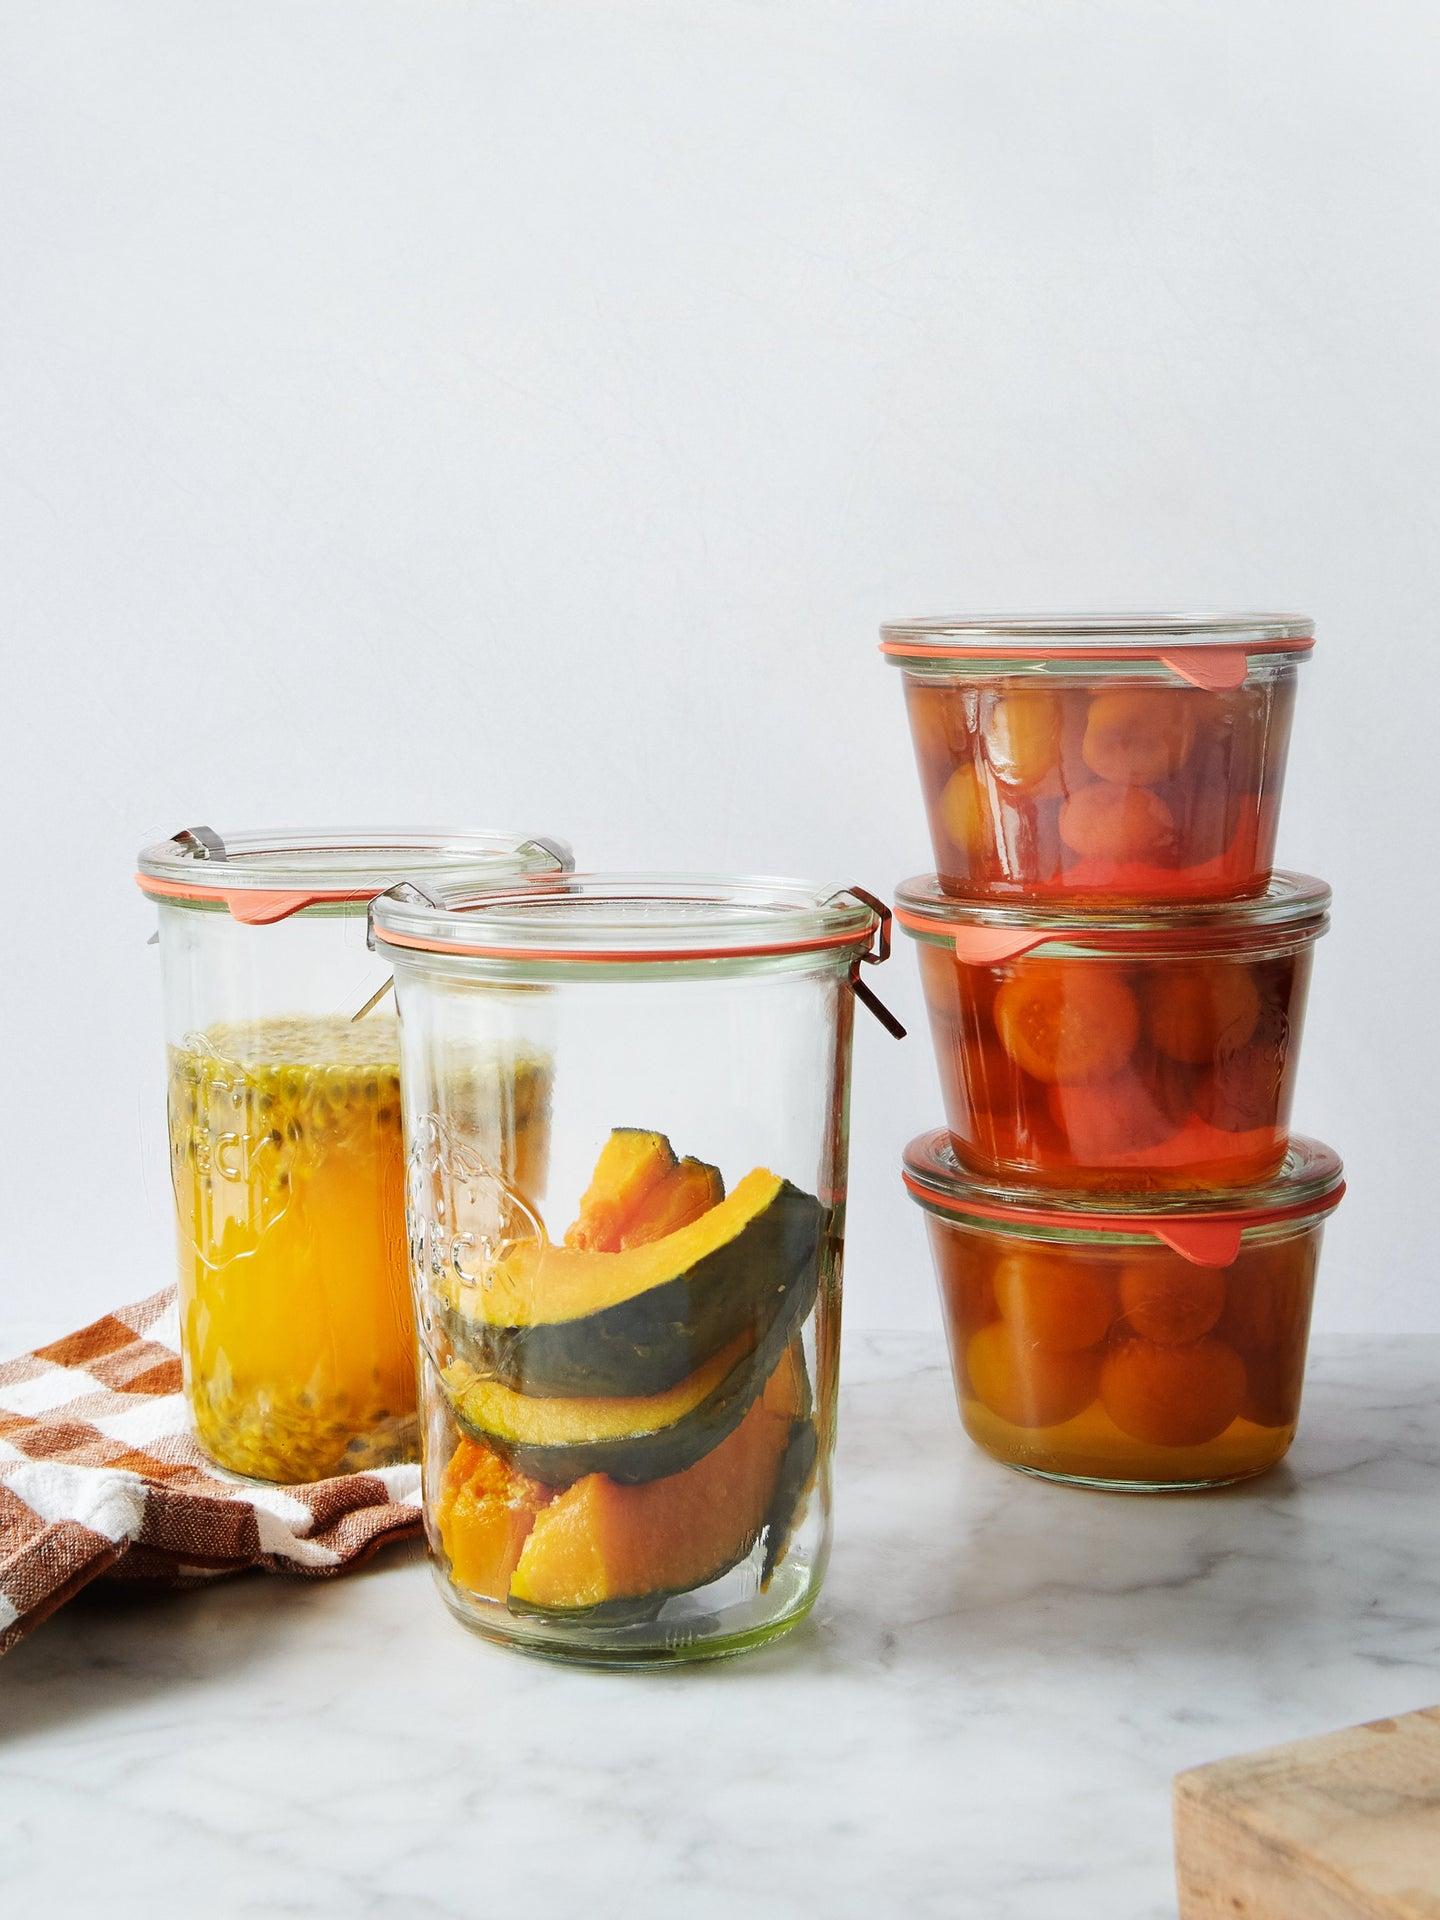 Assorted foods in jars